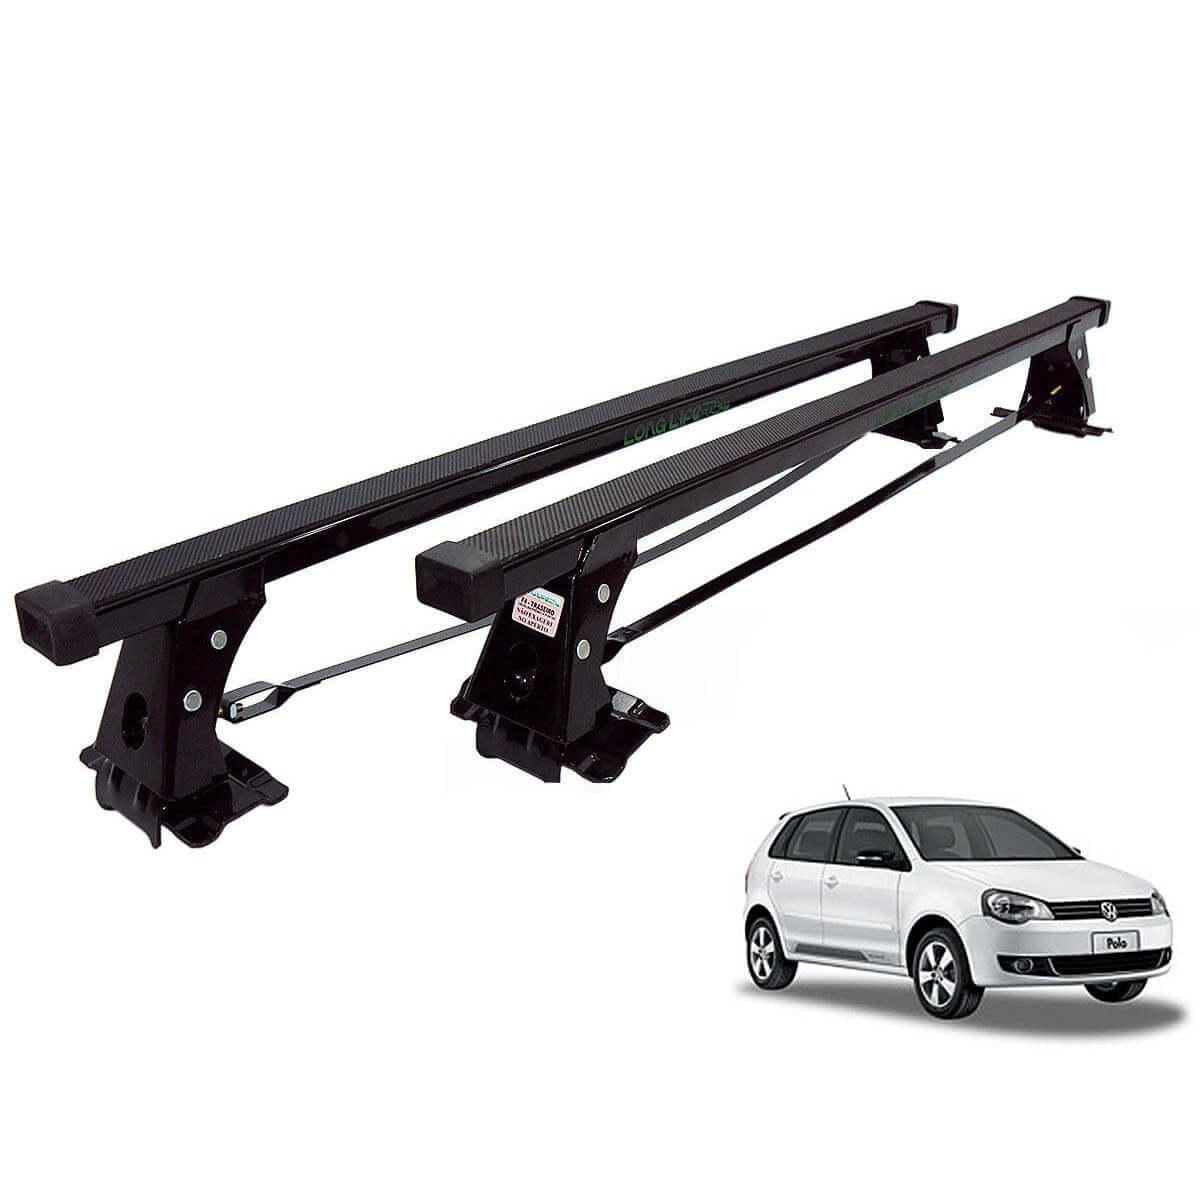 Rack de teto Polo Hatch ou Sedan 2003 a 2015 Long Life aço